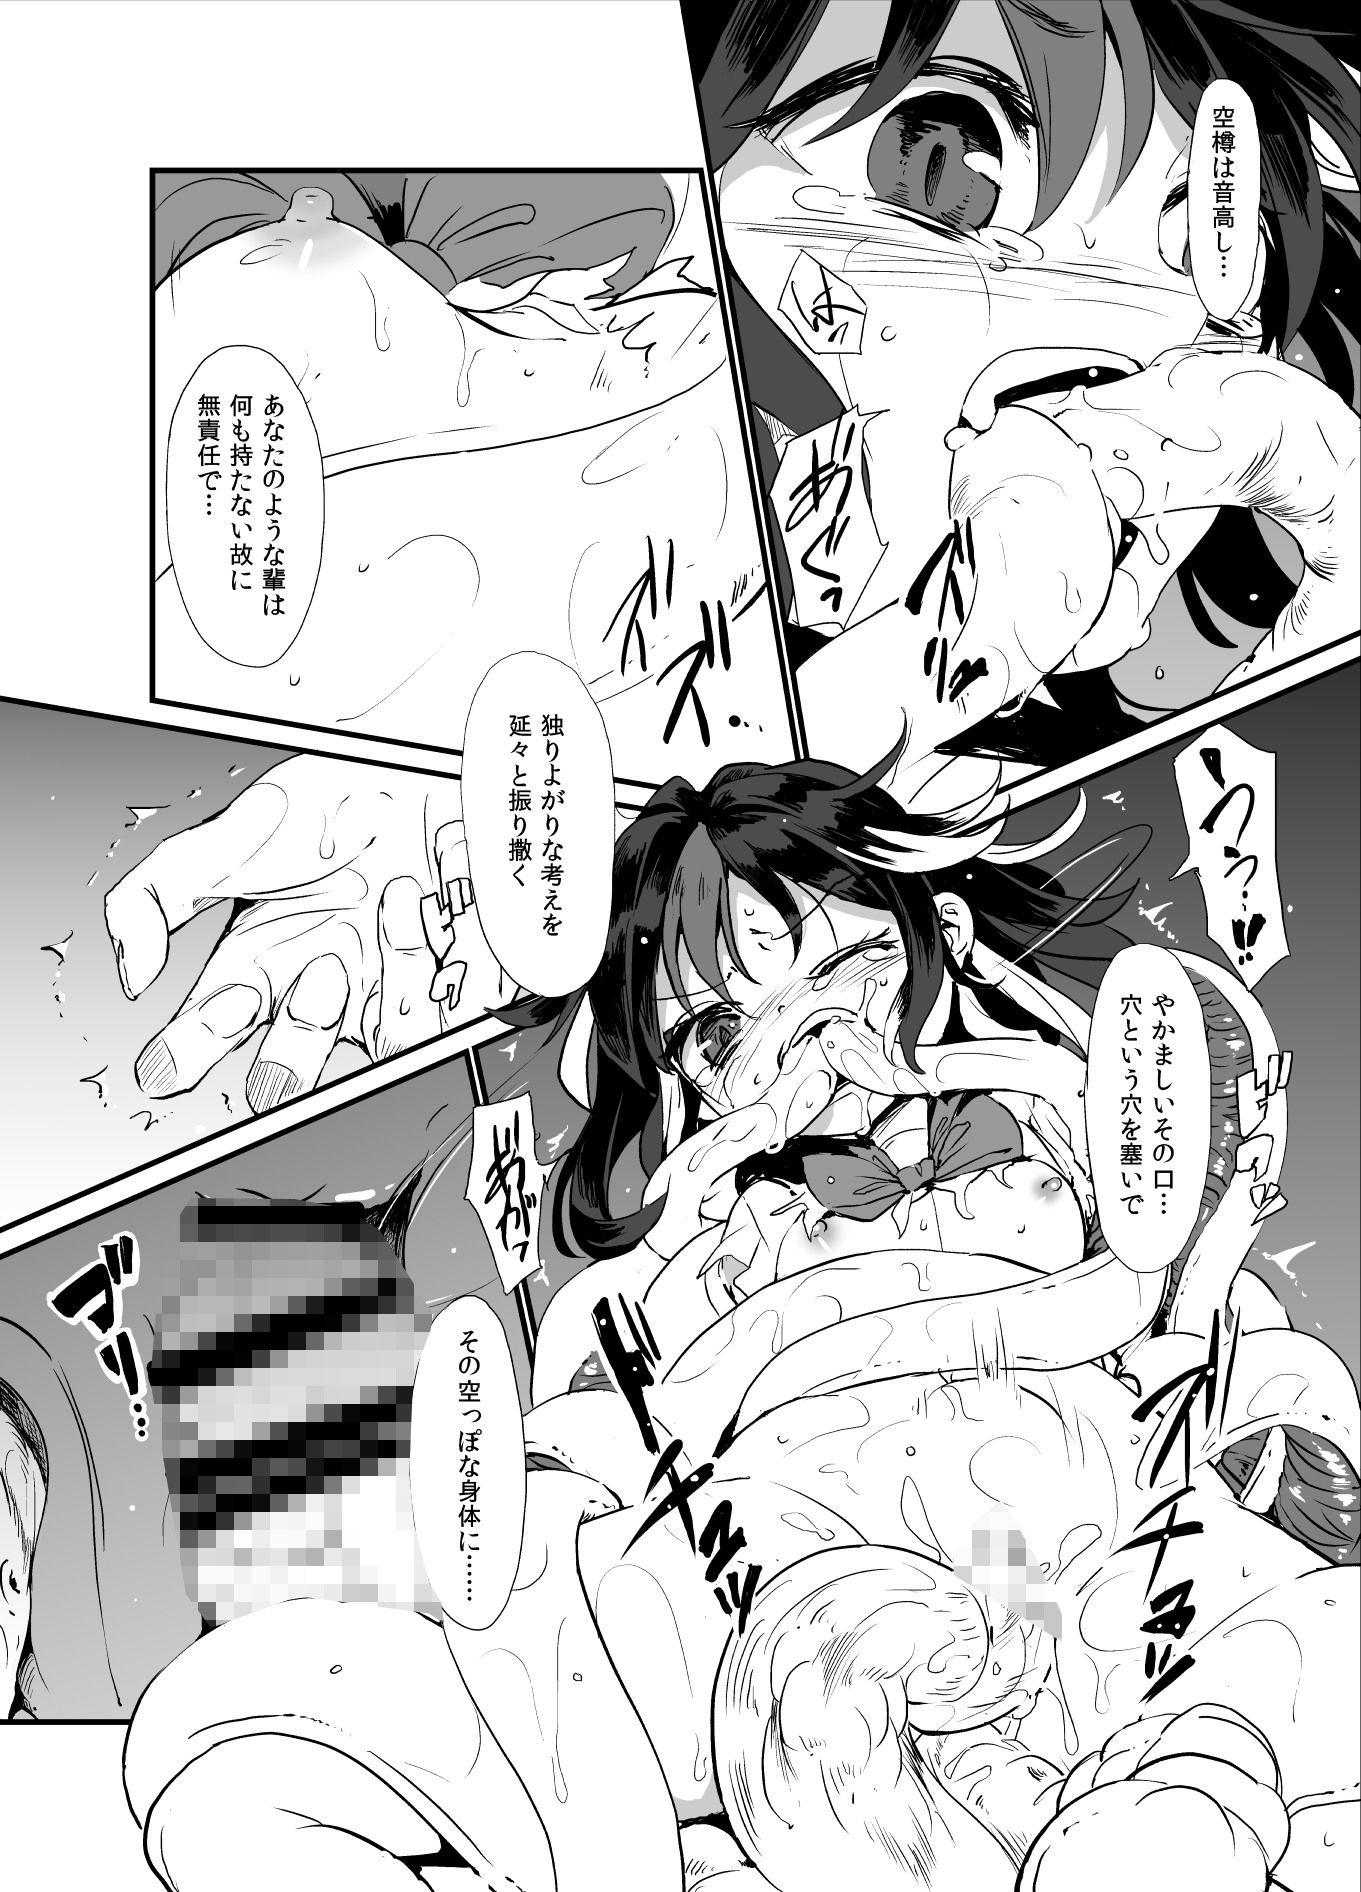 【エロアニメ】痴母~肉厚な義母の○○~後編